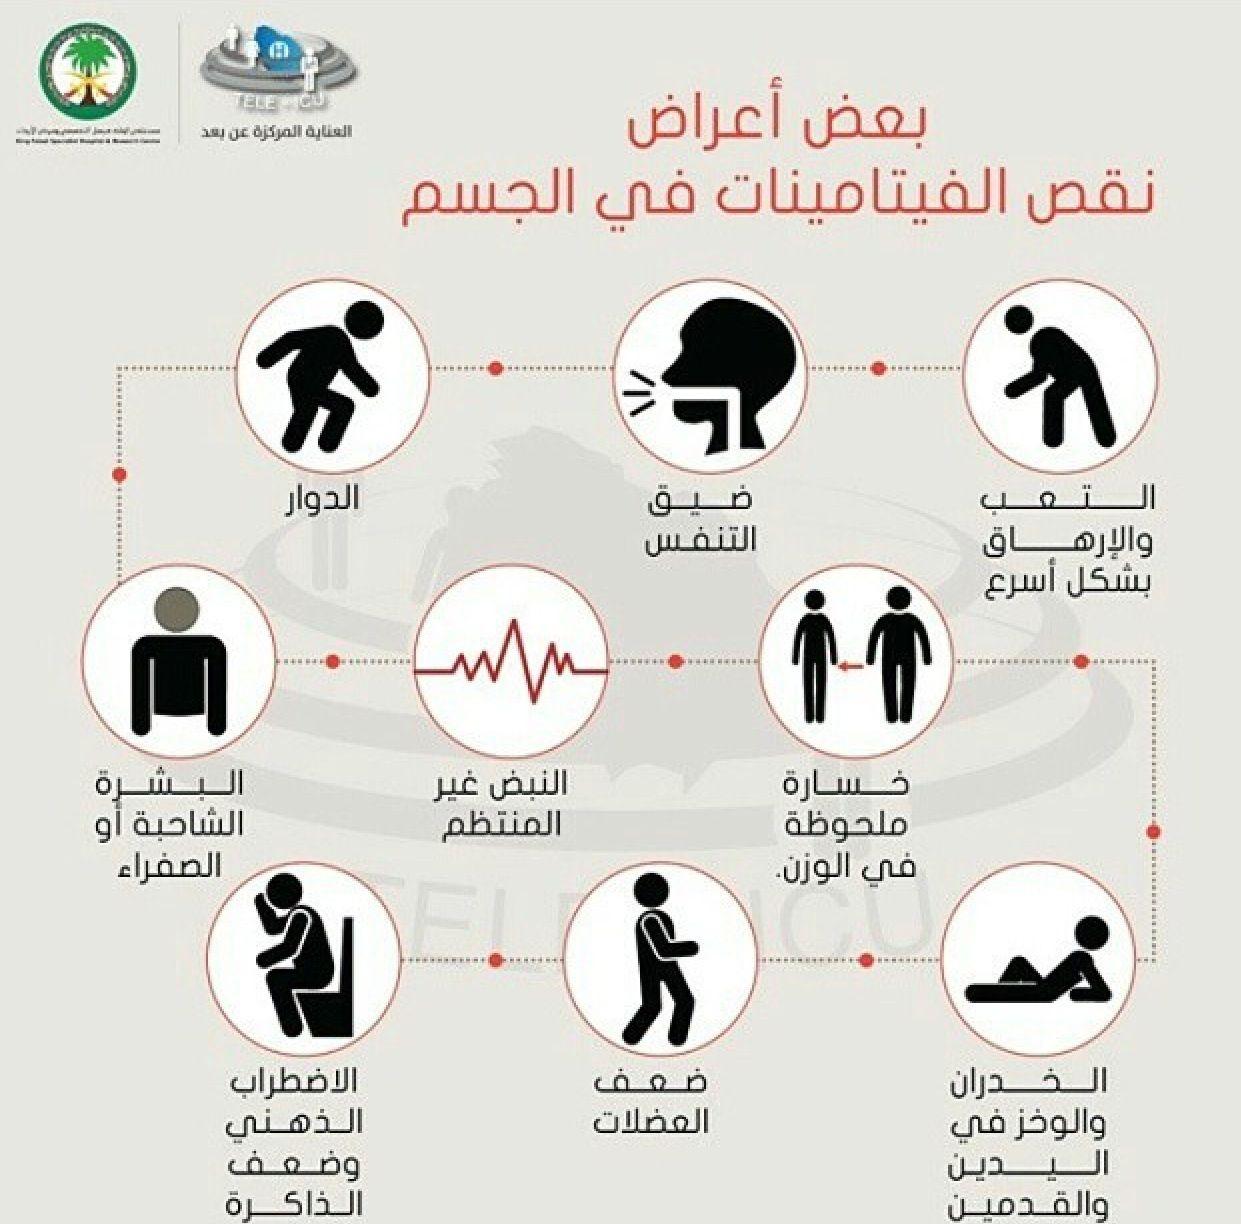 مخلص التغييرات من لما لا نقص فيتامين د يسبب ألم بالصدر Dsvdedommel Com